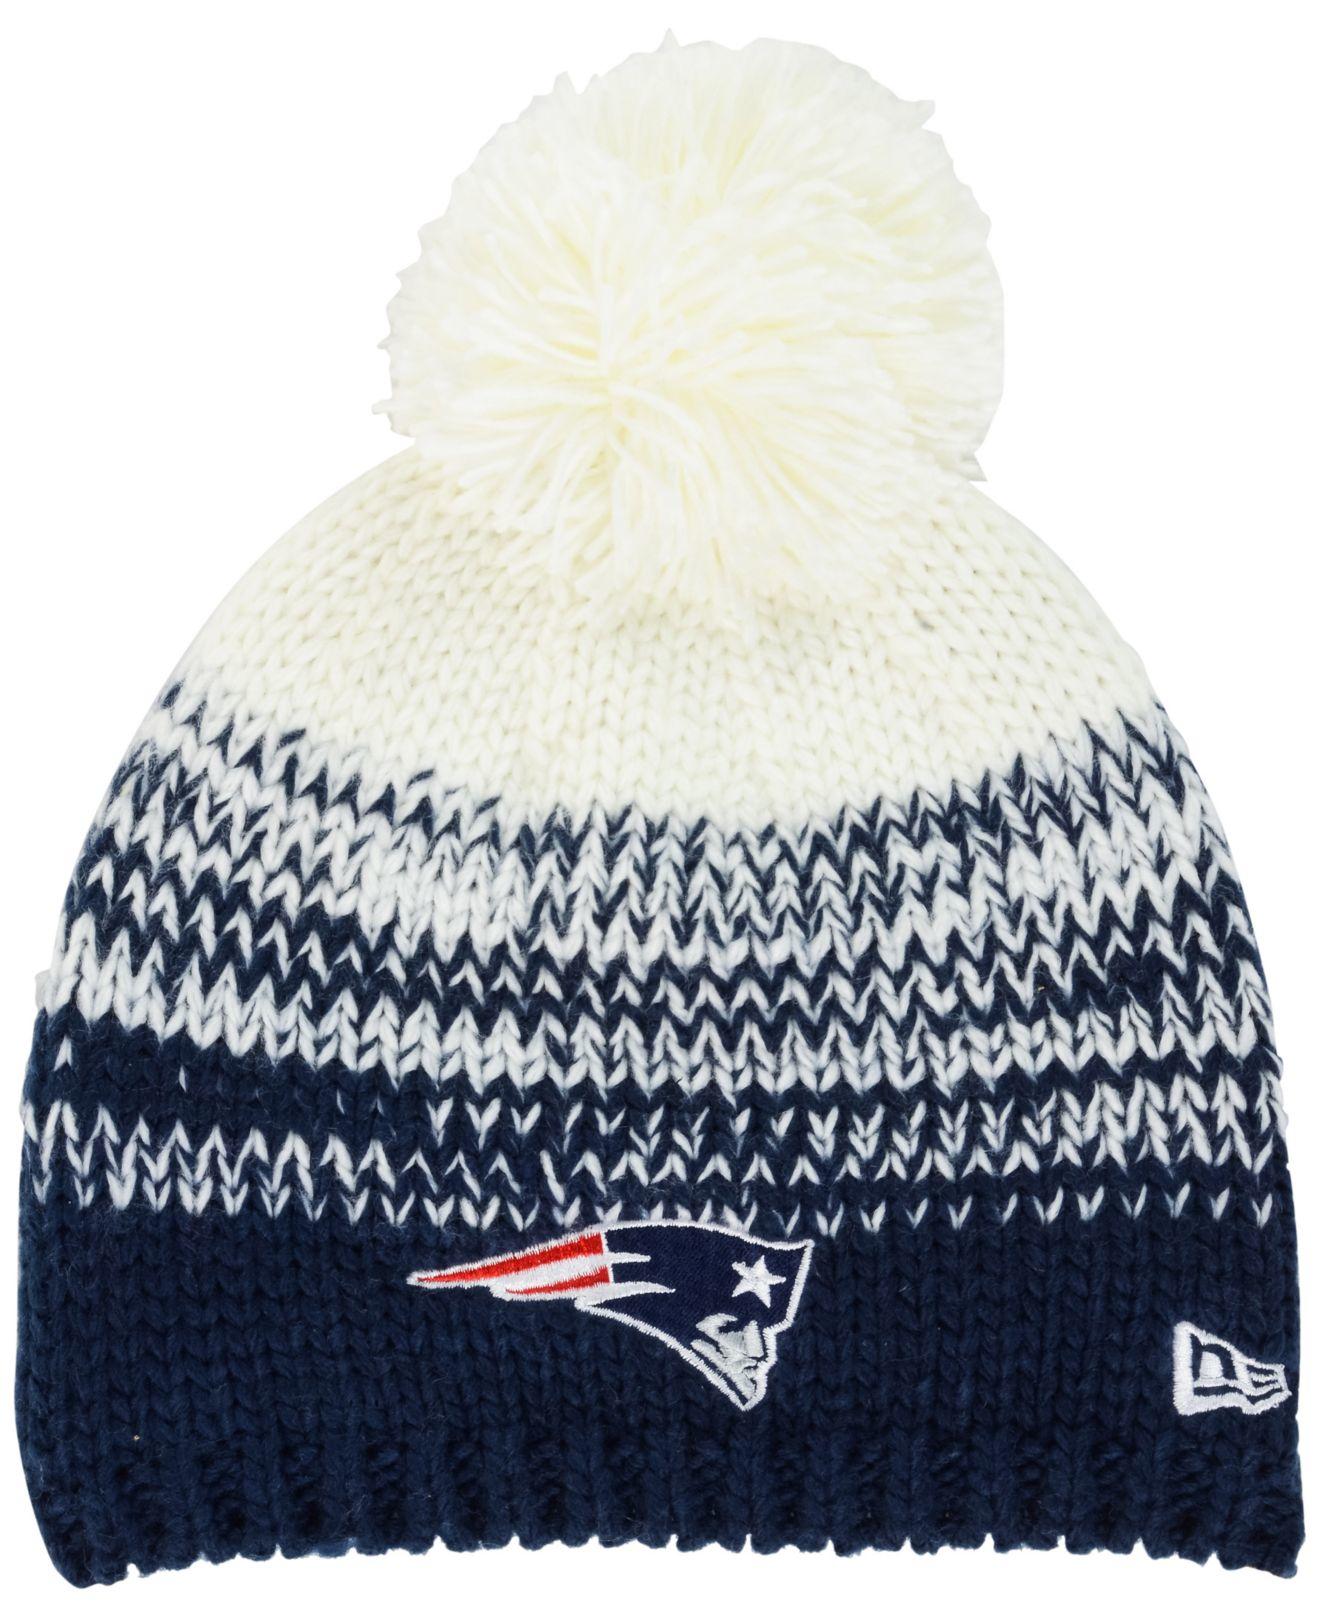 1db5f0671d9 Lyst - KTZ Women s New England Patriots Polar Dust Knit Hat in White